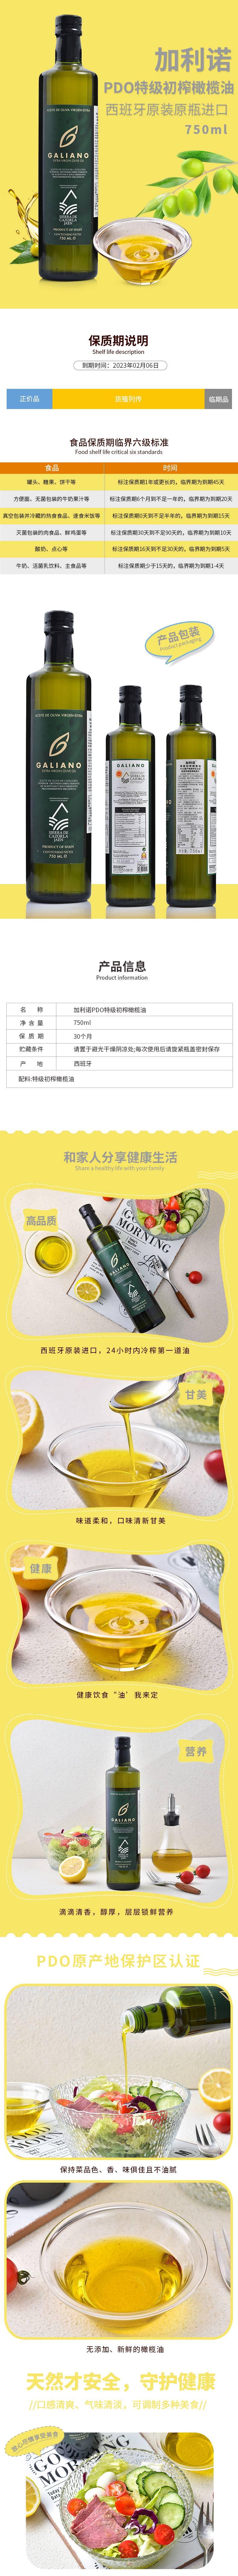 加利诺特级初榨橄榄油500ml和750ml共享.jpg